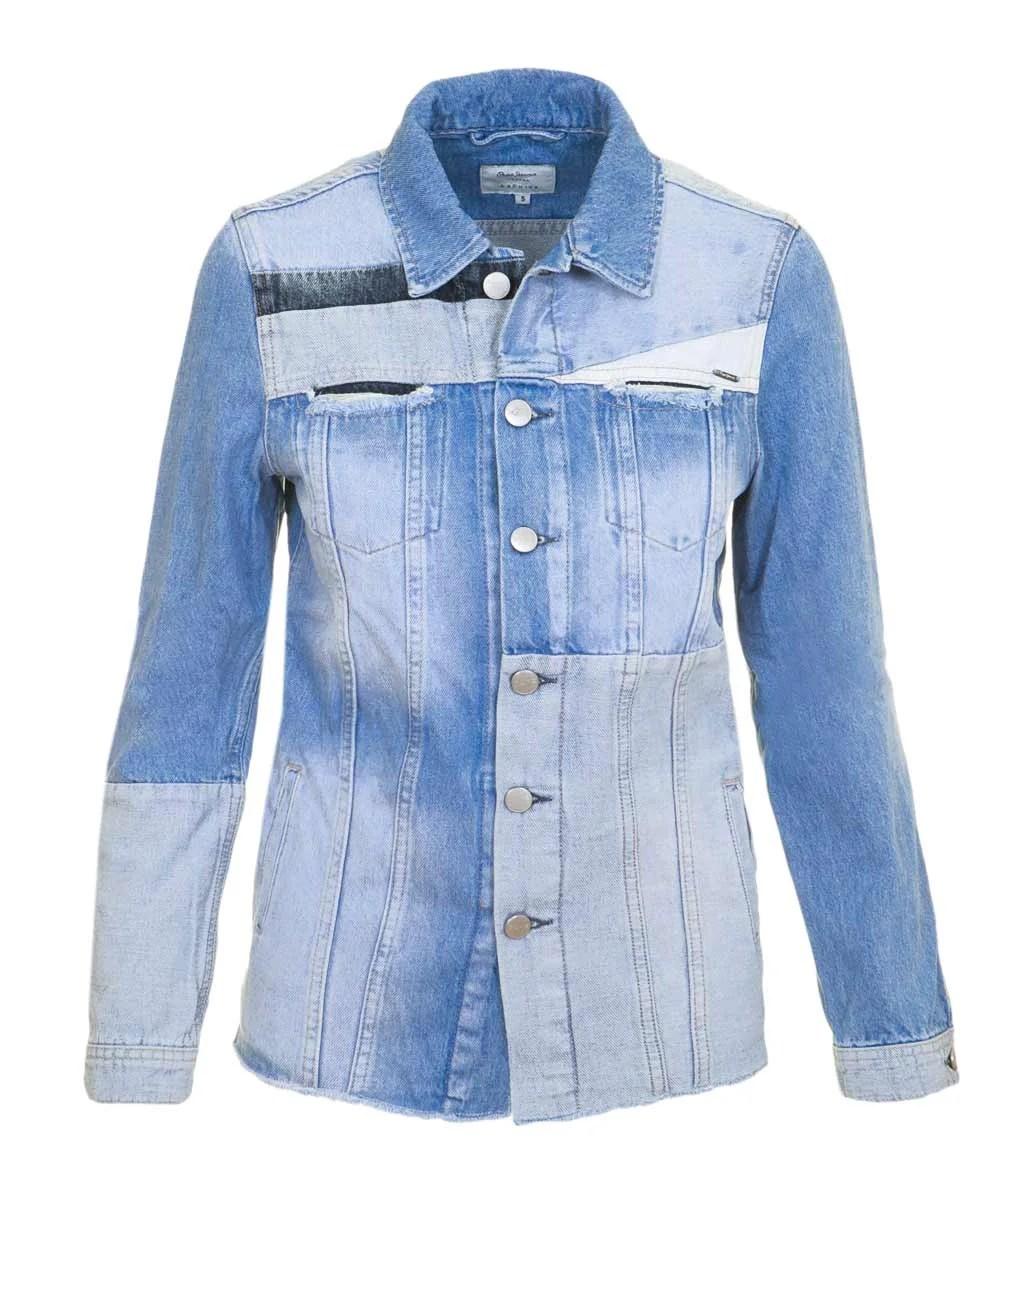 652.180 Pepe Jeans Damen Marken-Jeansjacke, hellblau Denim